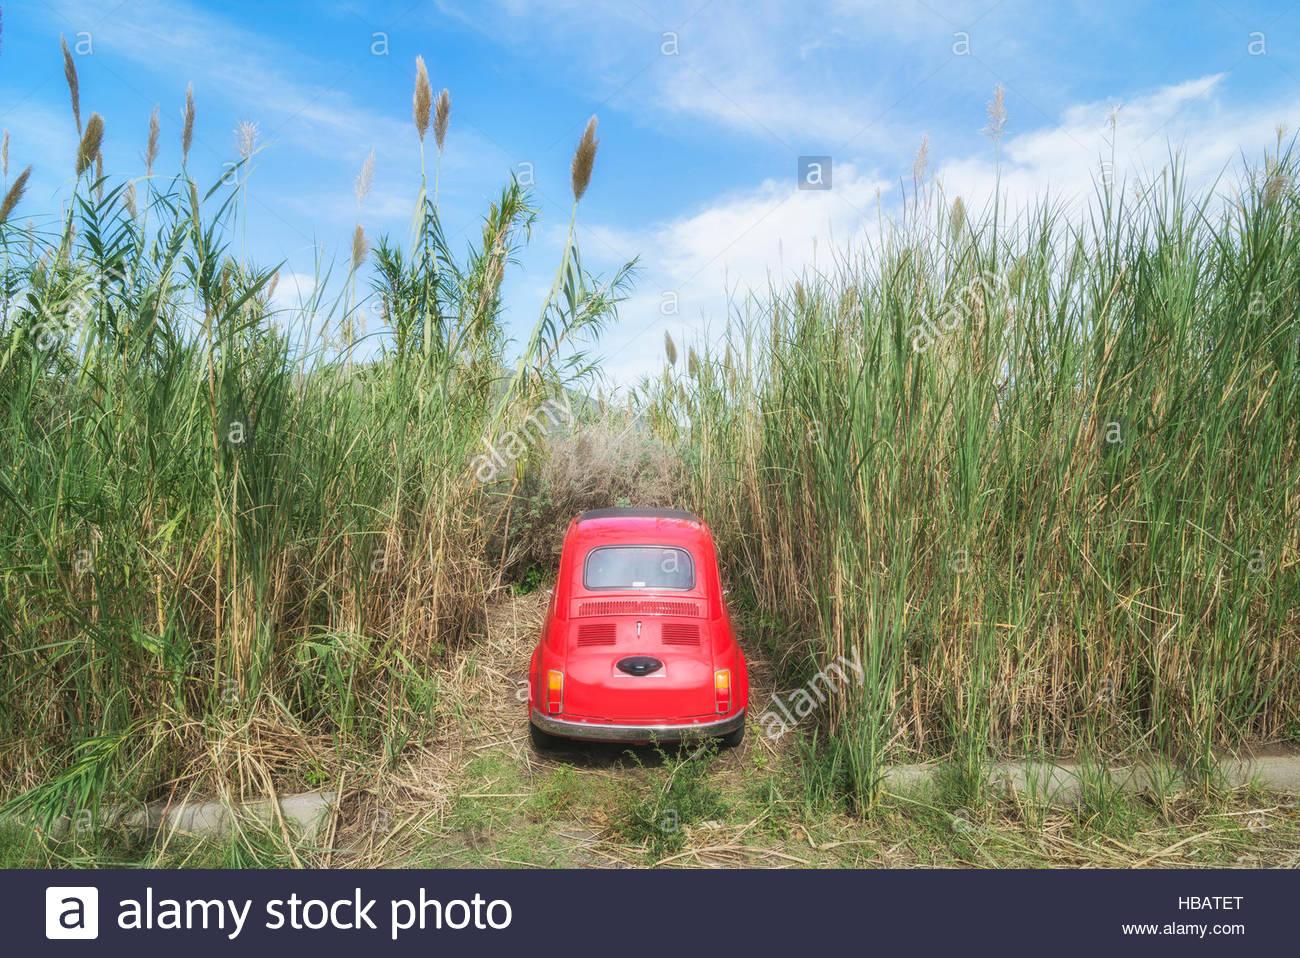 Voiture garée parmi les herbes hautes, Lipari, iles Eoliennes, Sicile, Italie Photo Stock